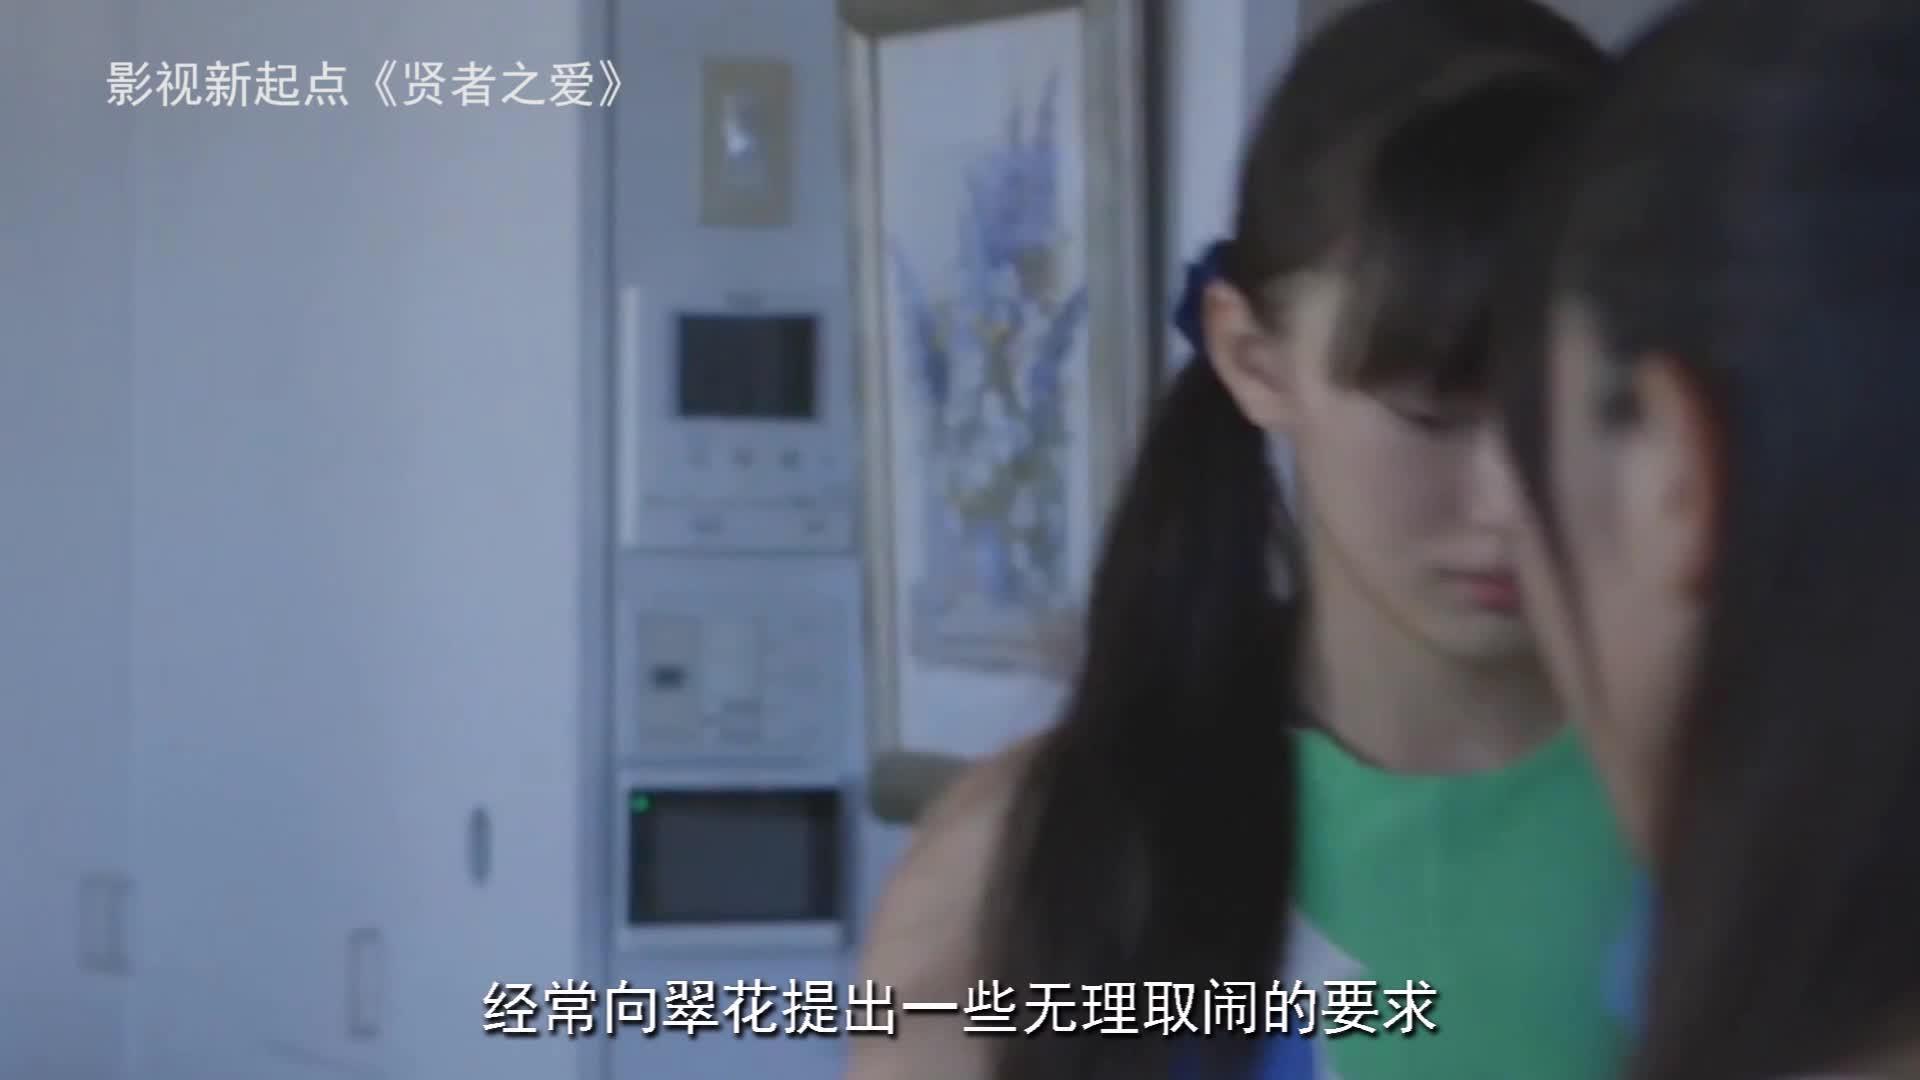 #经典看电影#你抢我老公,那我就泡你儿子,一个日本女人隐忍20年的复仇故事